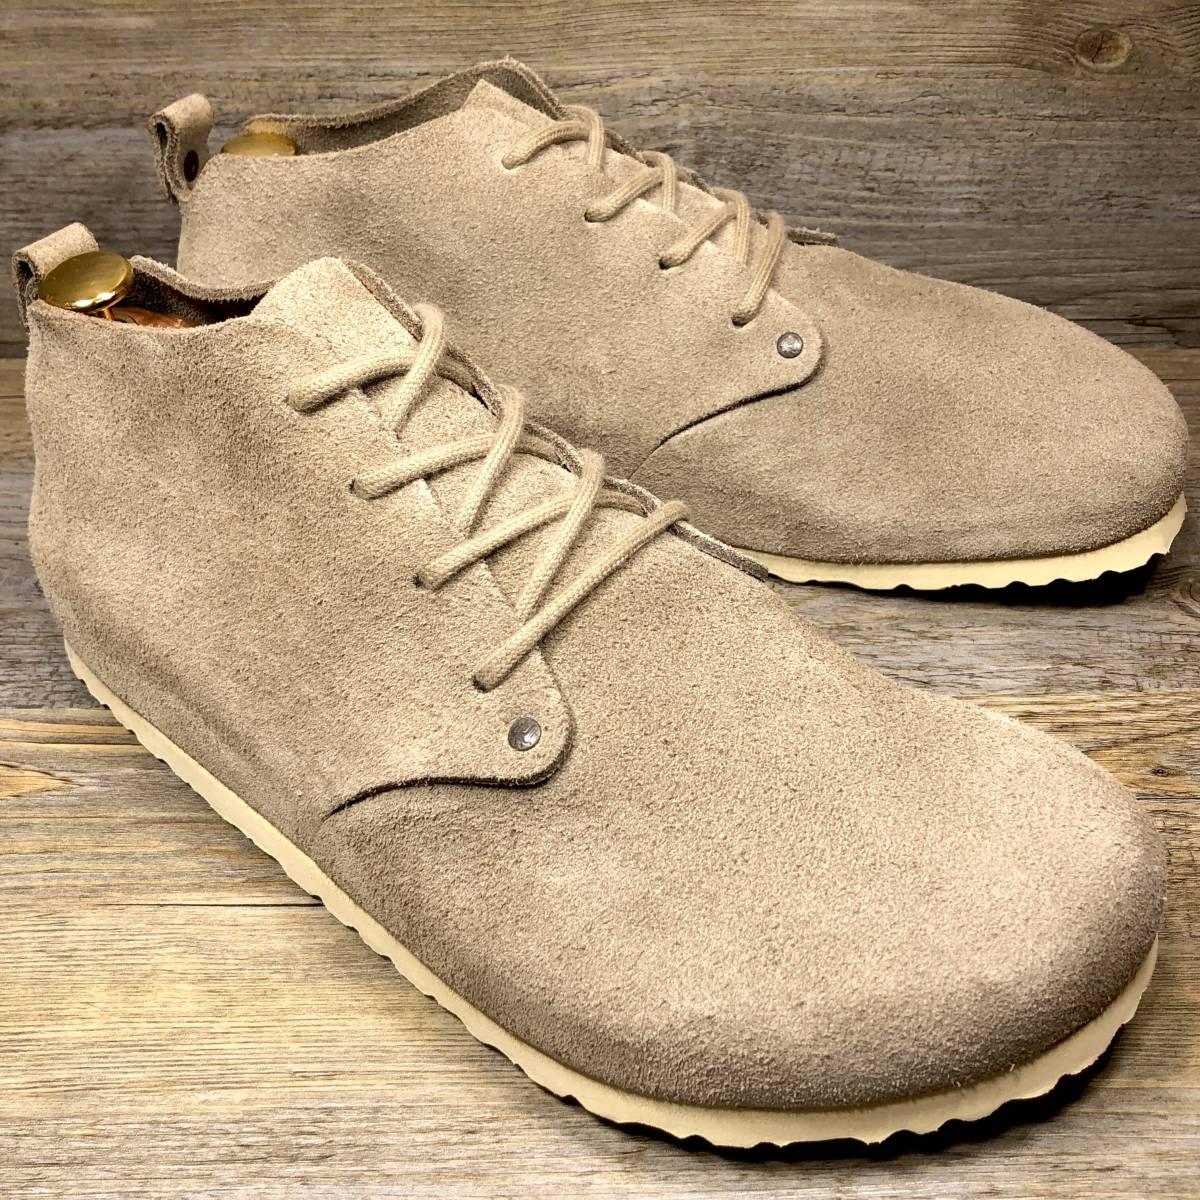 ■BIRKENSTOCK DUNDEE■ 未使用品 定価19,580円 27cm 42 ベージュ ビルケンシュトック ダンディー メンズ 靴 革靴 天然皮革 くつ 即決_画像3